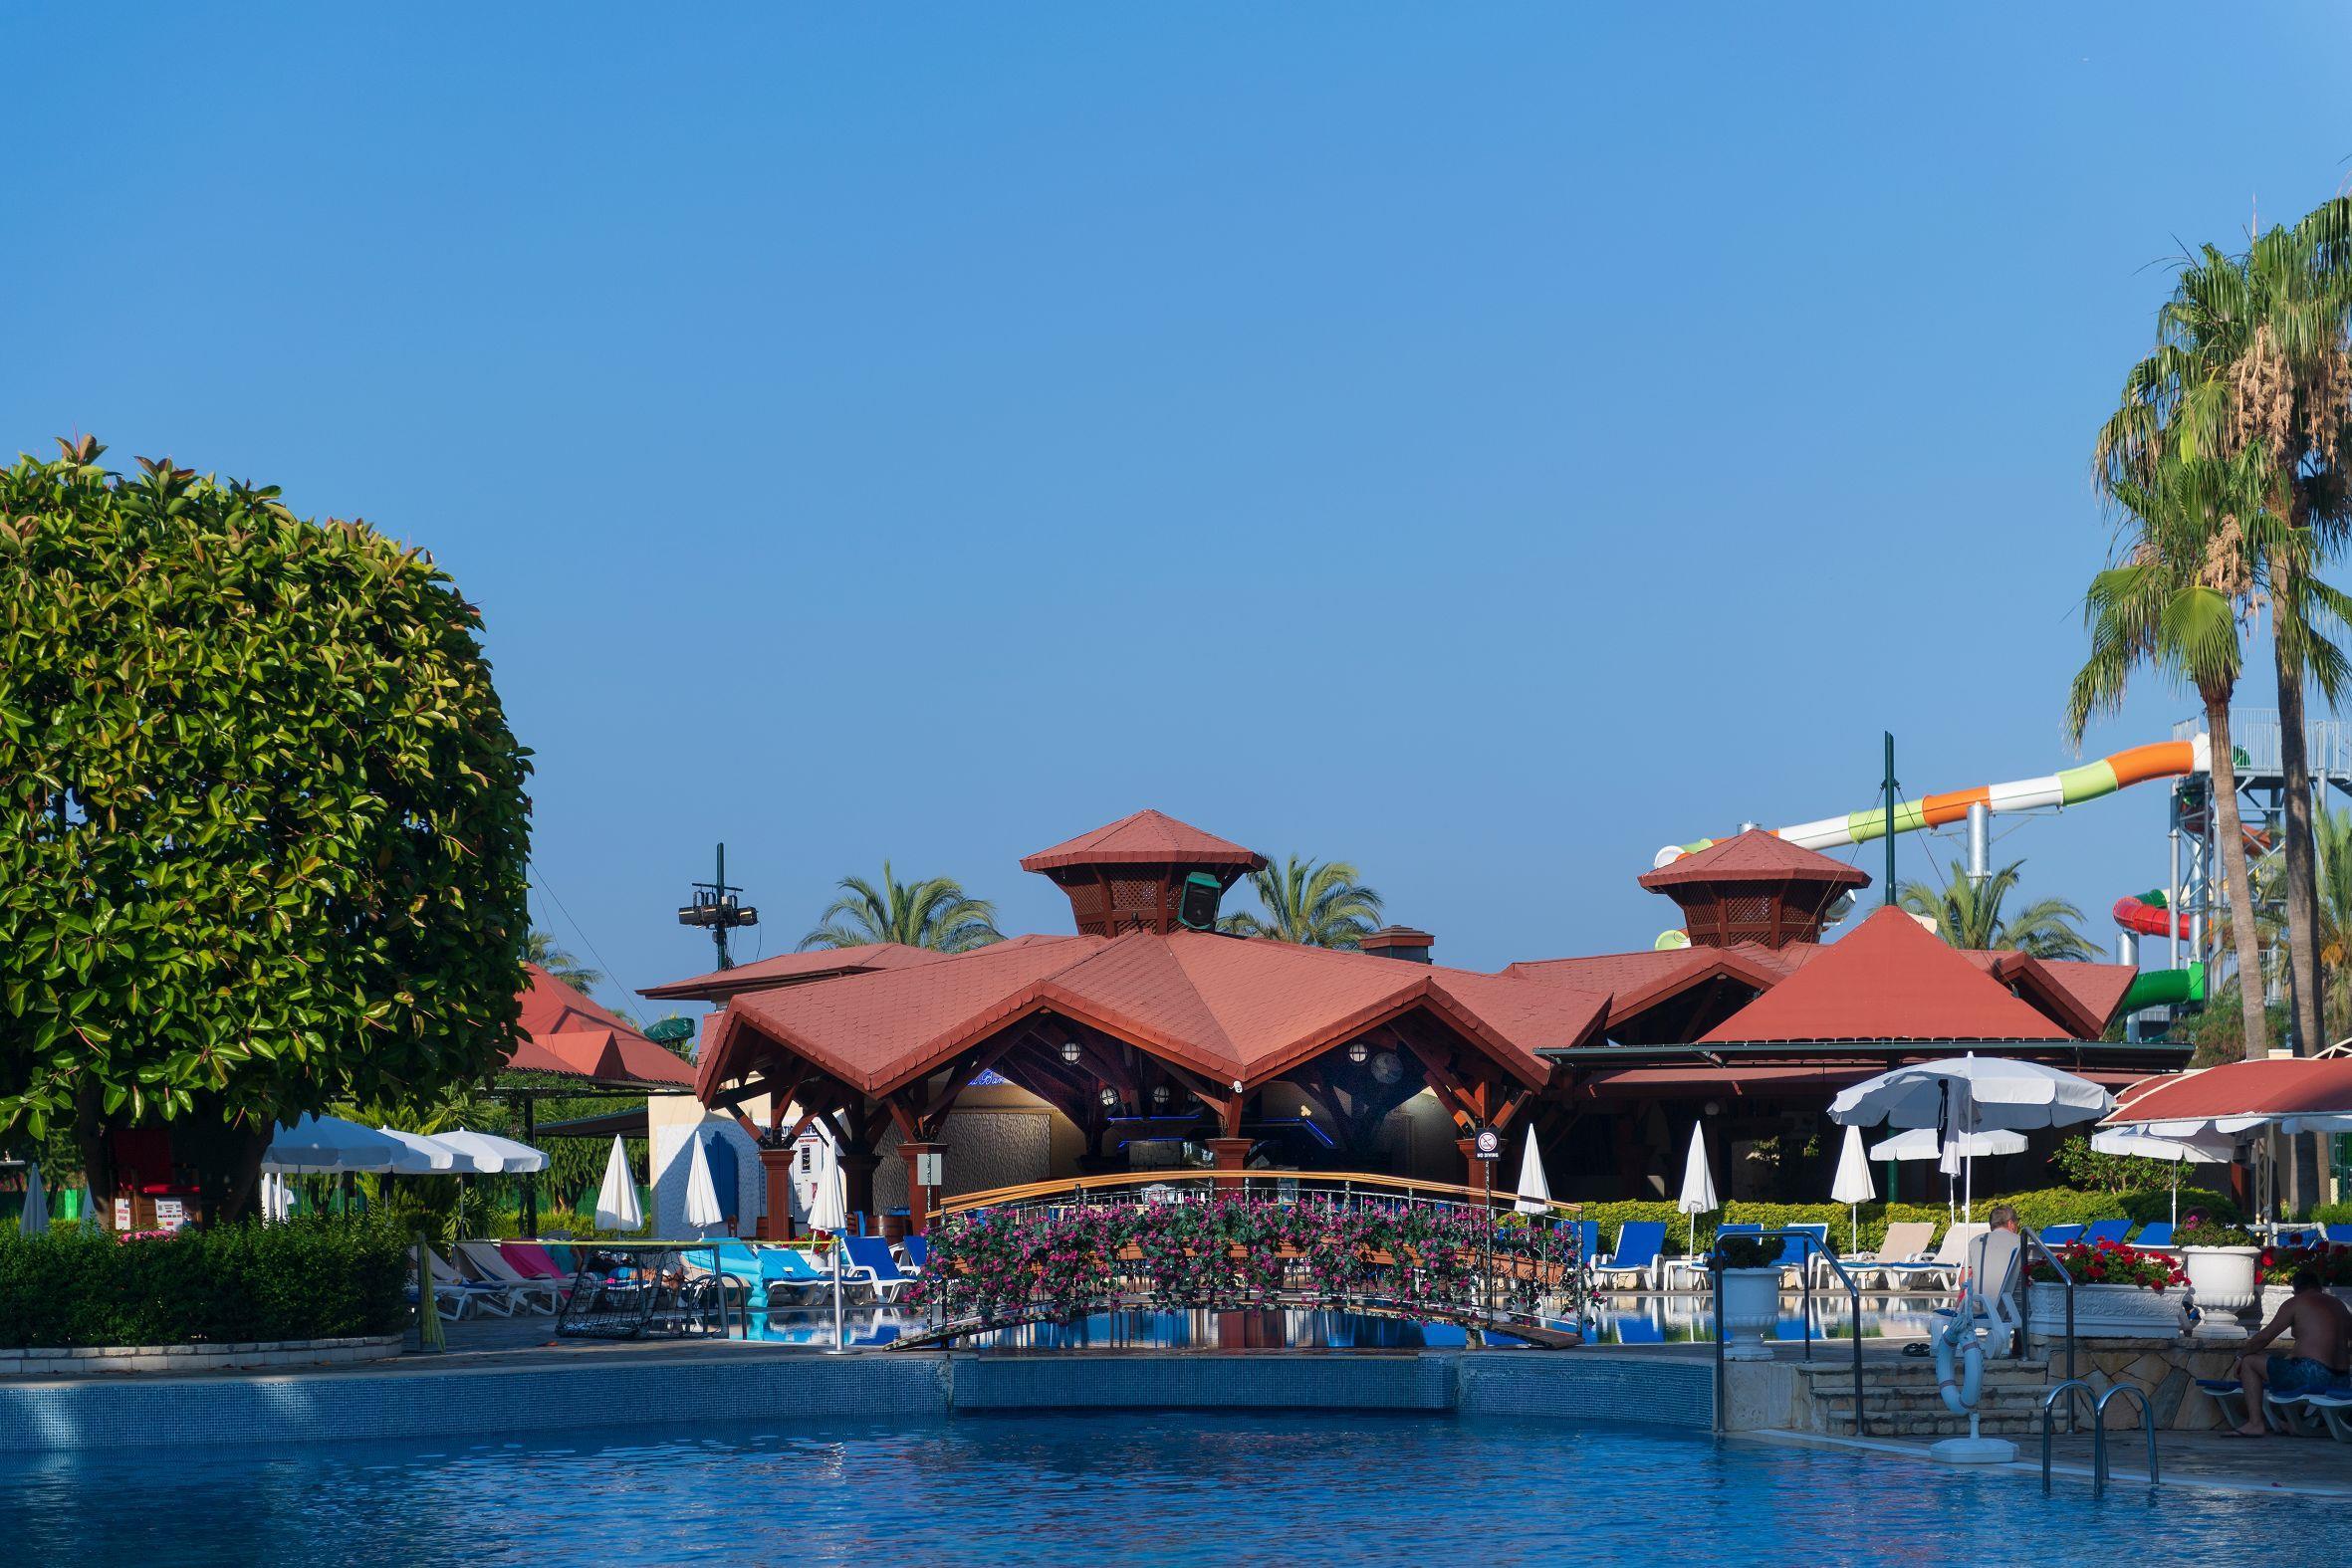 http://www.orextravel.sk/OREX/hotelphotos/miramare-queen-hotel-general-0045.jpg